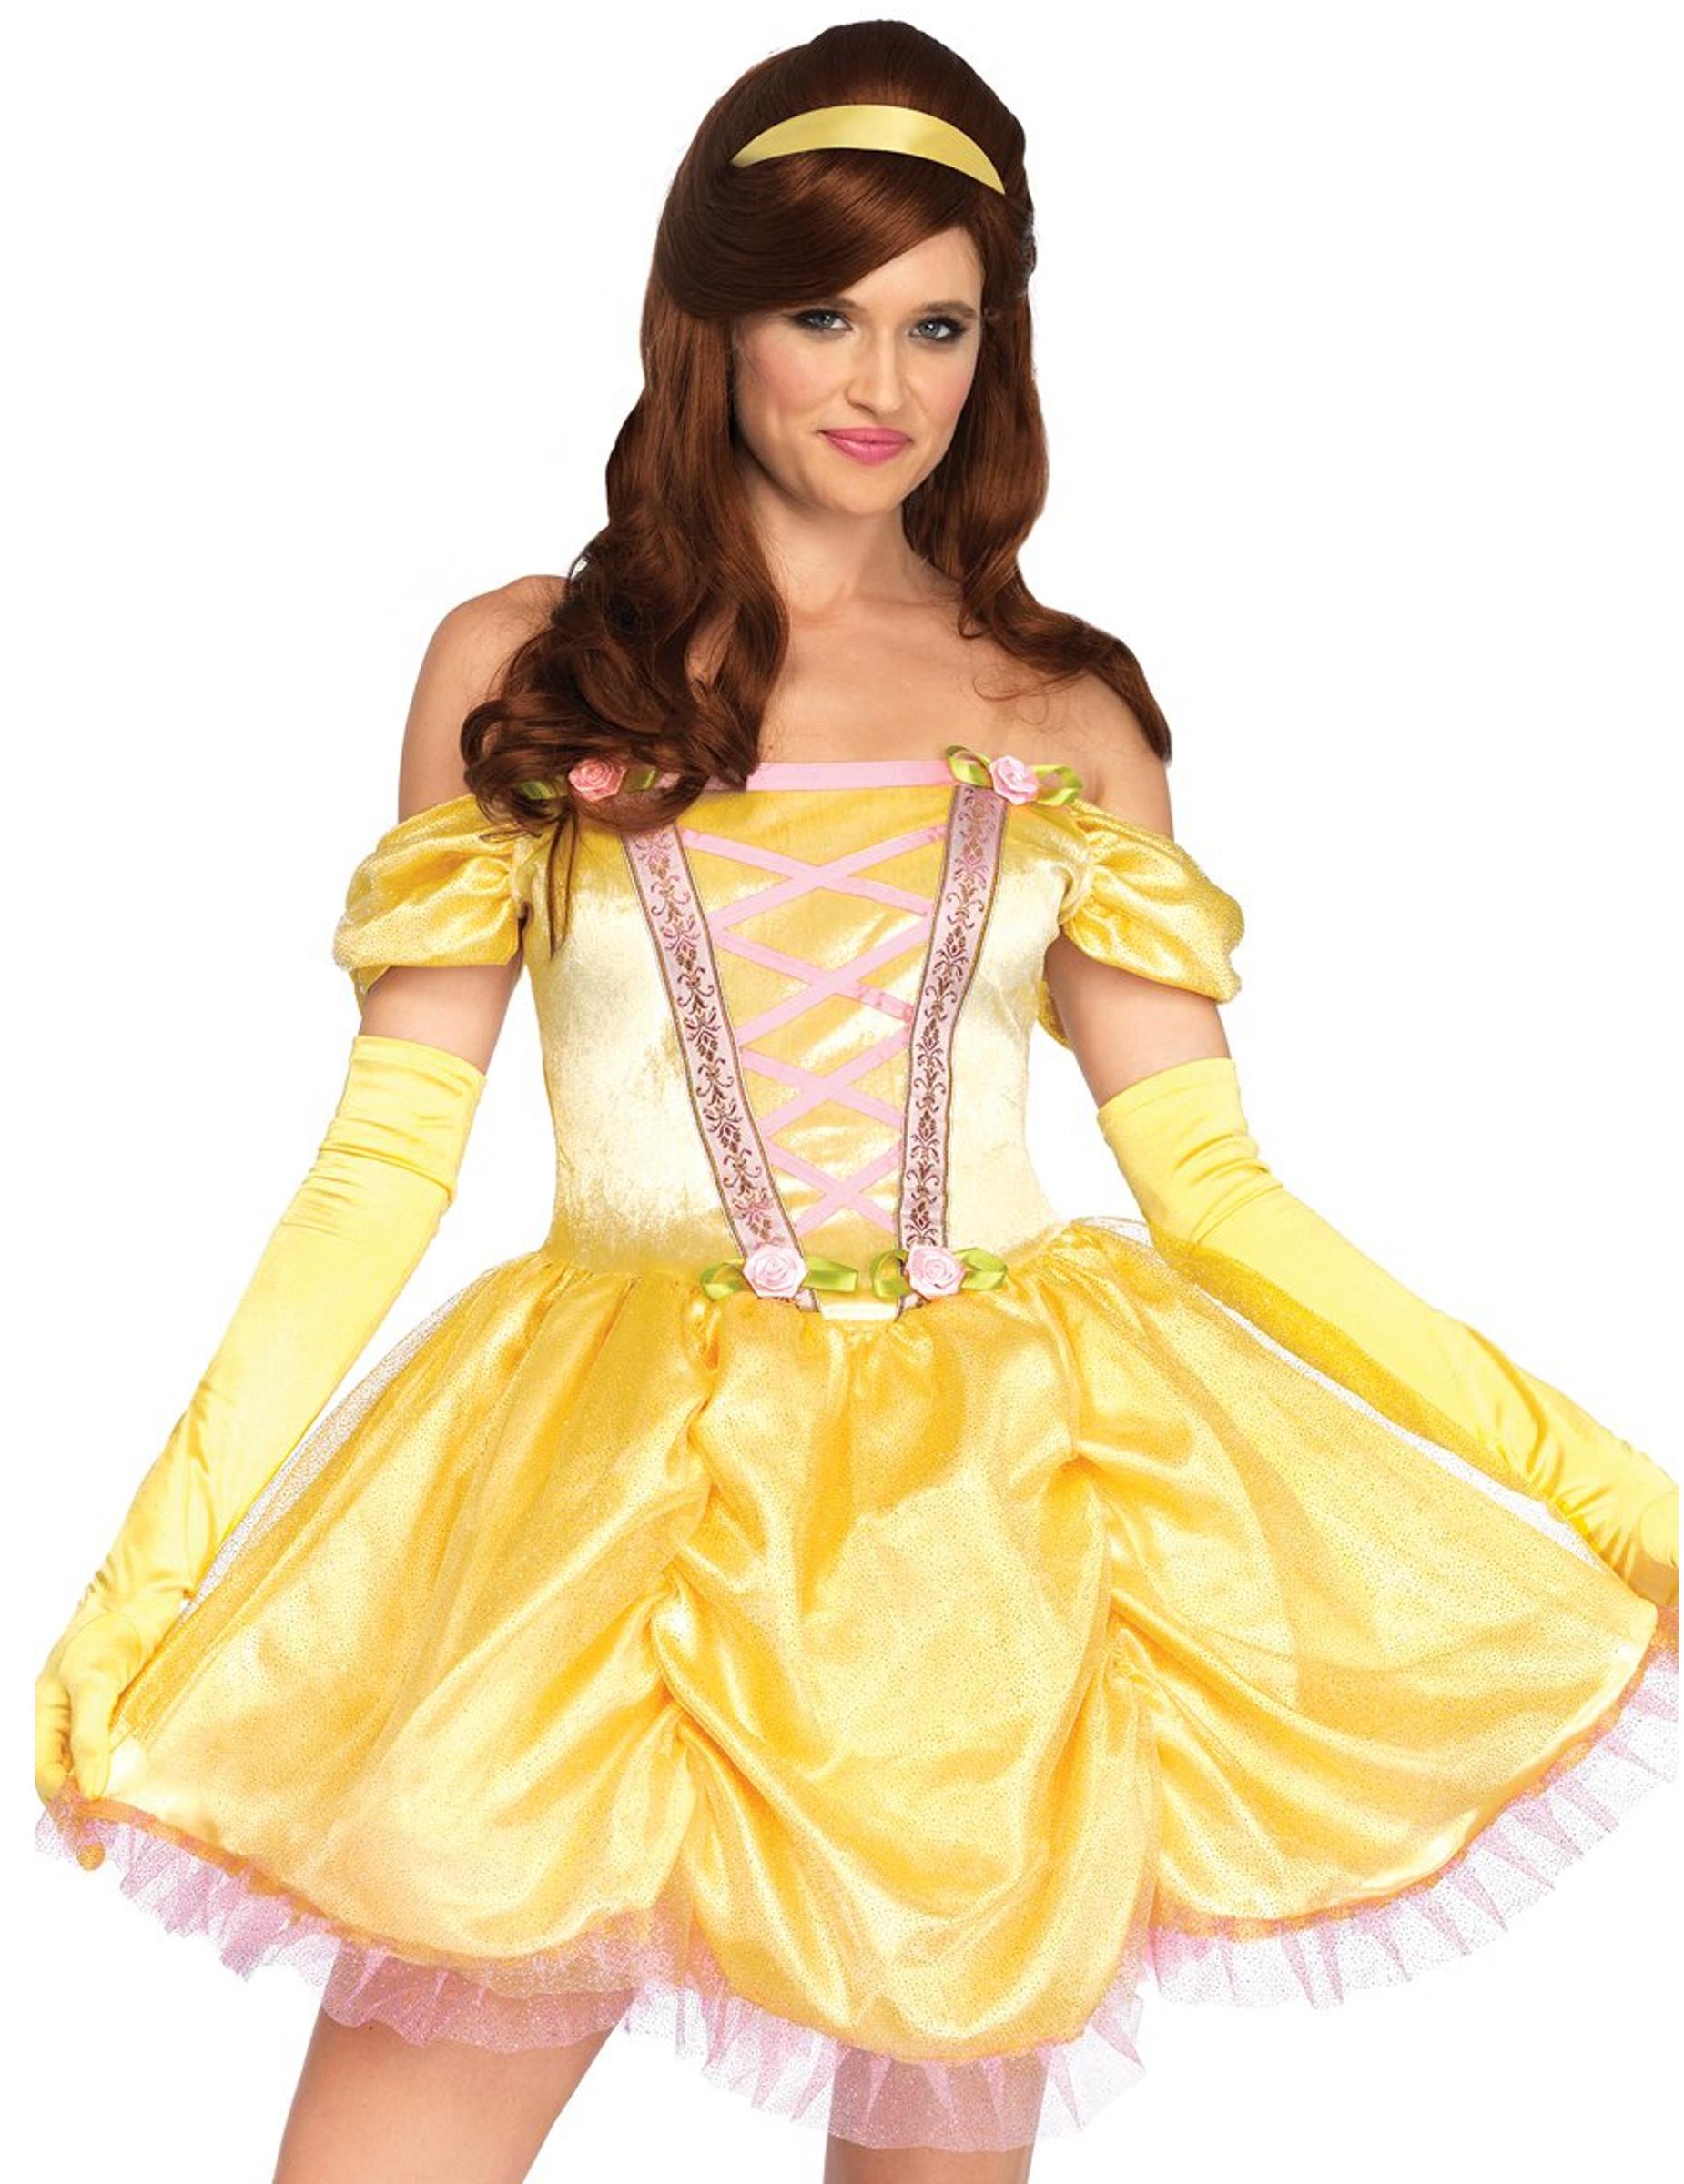 d guisement princesse enchant e jaune femme deguise toi achat de d guisements adultes. Black Bedroom Furniture Sets. Home Design Ideas